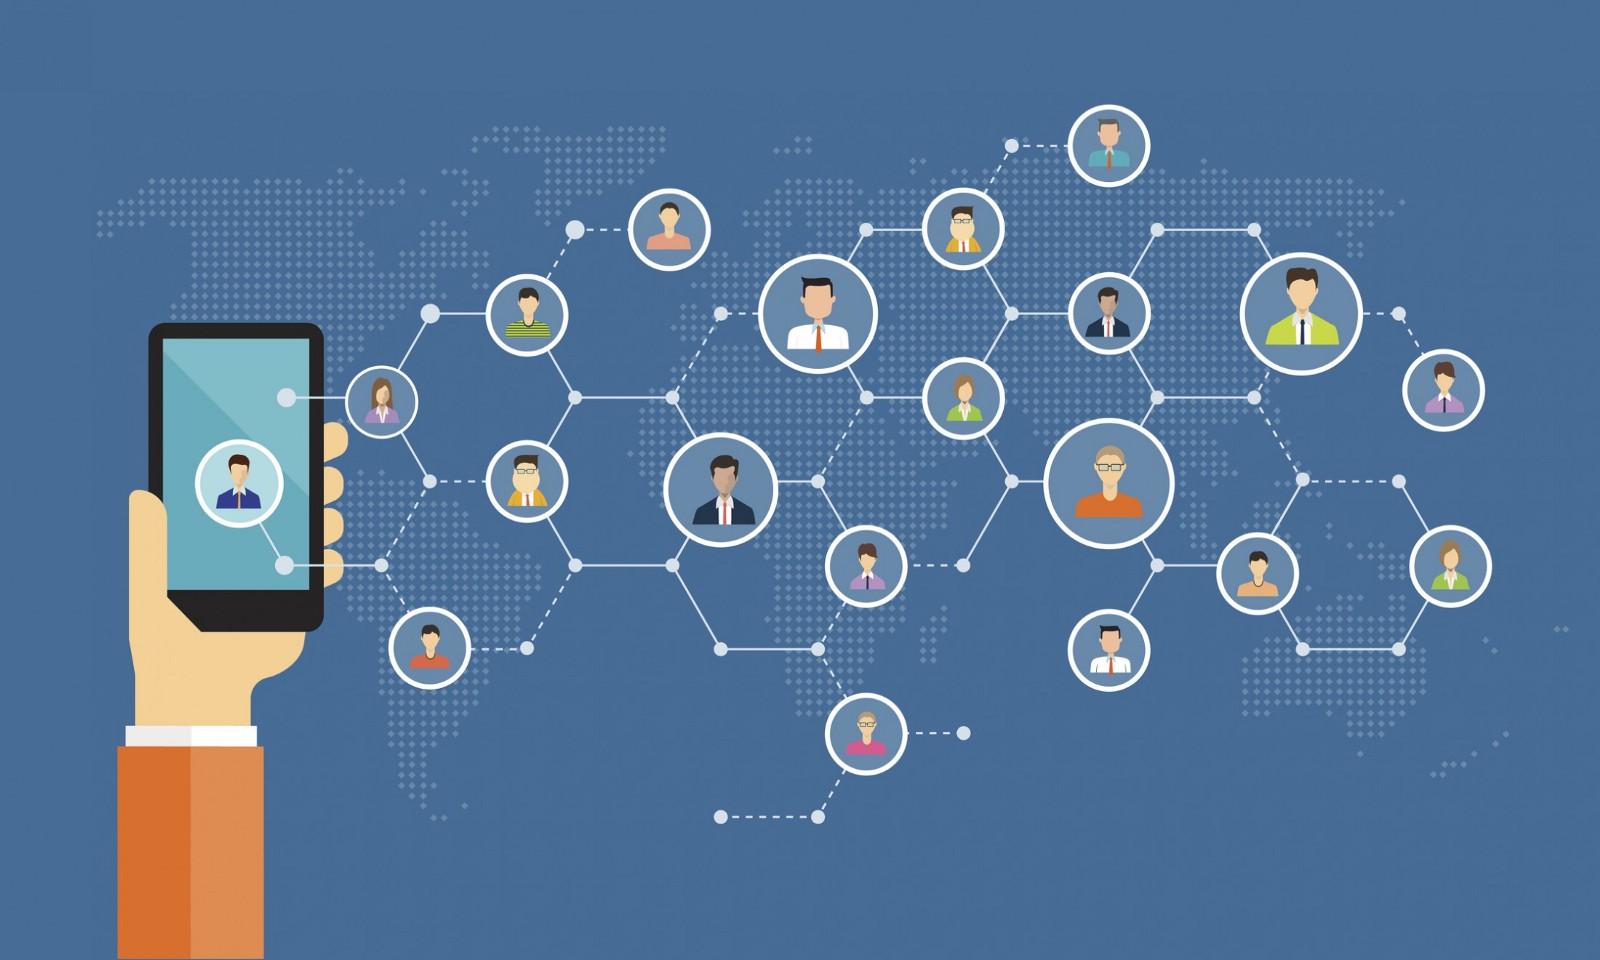 Chiêu thức marketing tạo viral hiệu quả